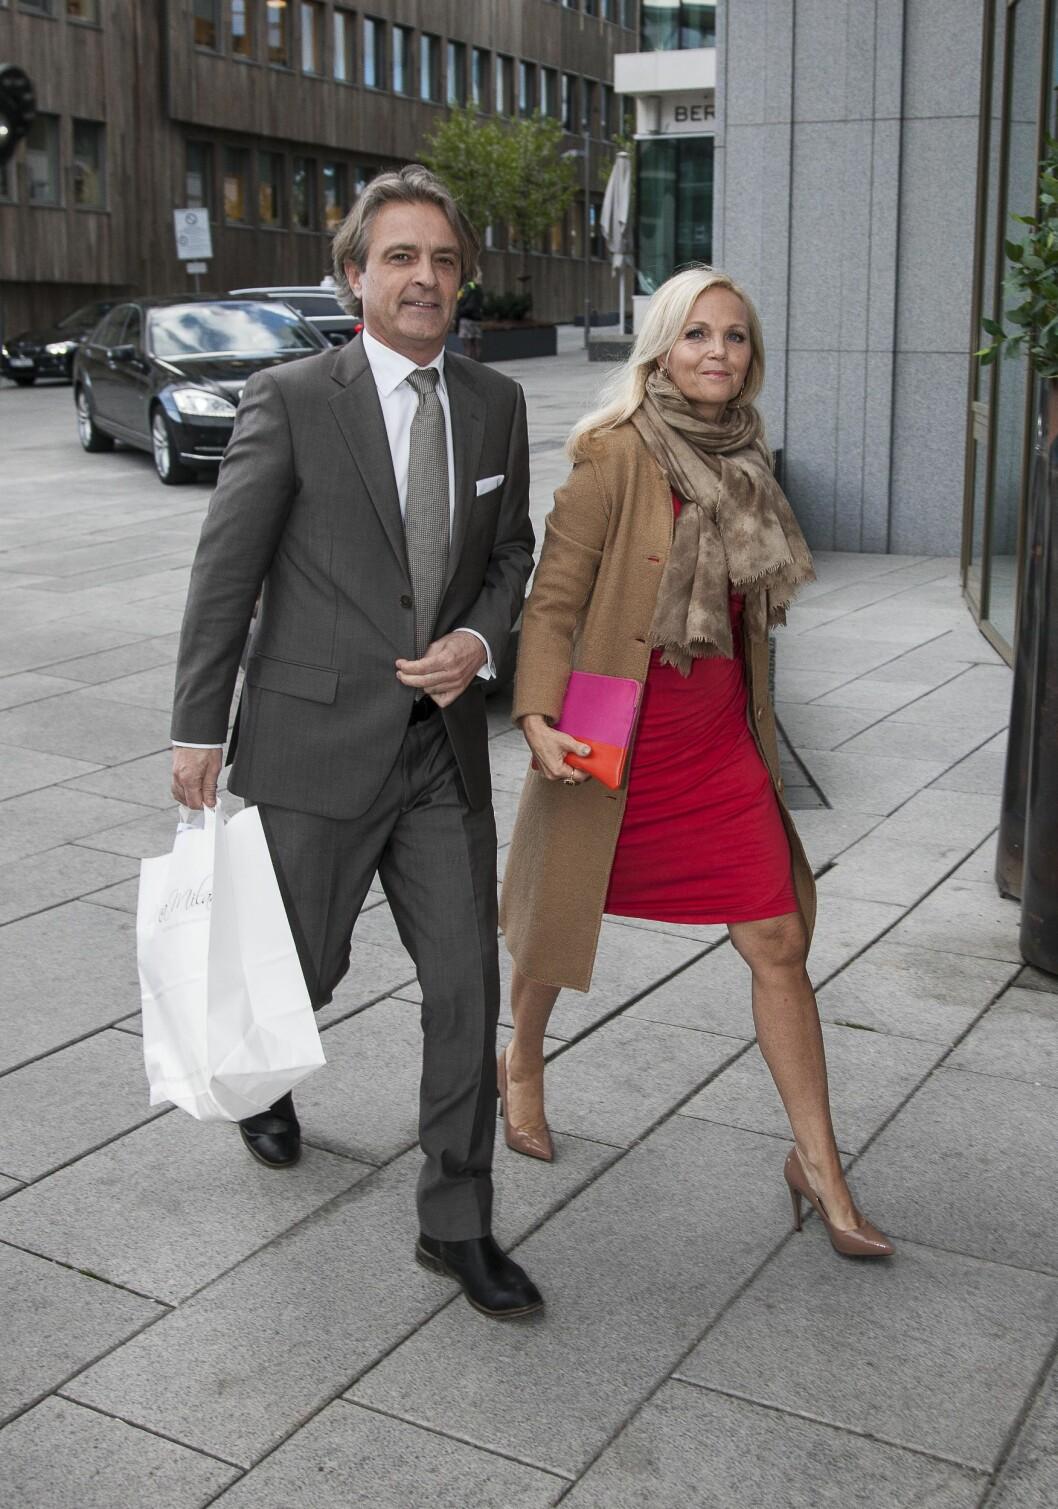 FLOTTE: Guri Schanke og Dag Hvaring hadde møtt opp for å støtte Gunhild. Foto: Erlend Haugen / Se og Hør